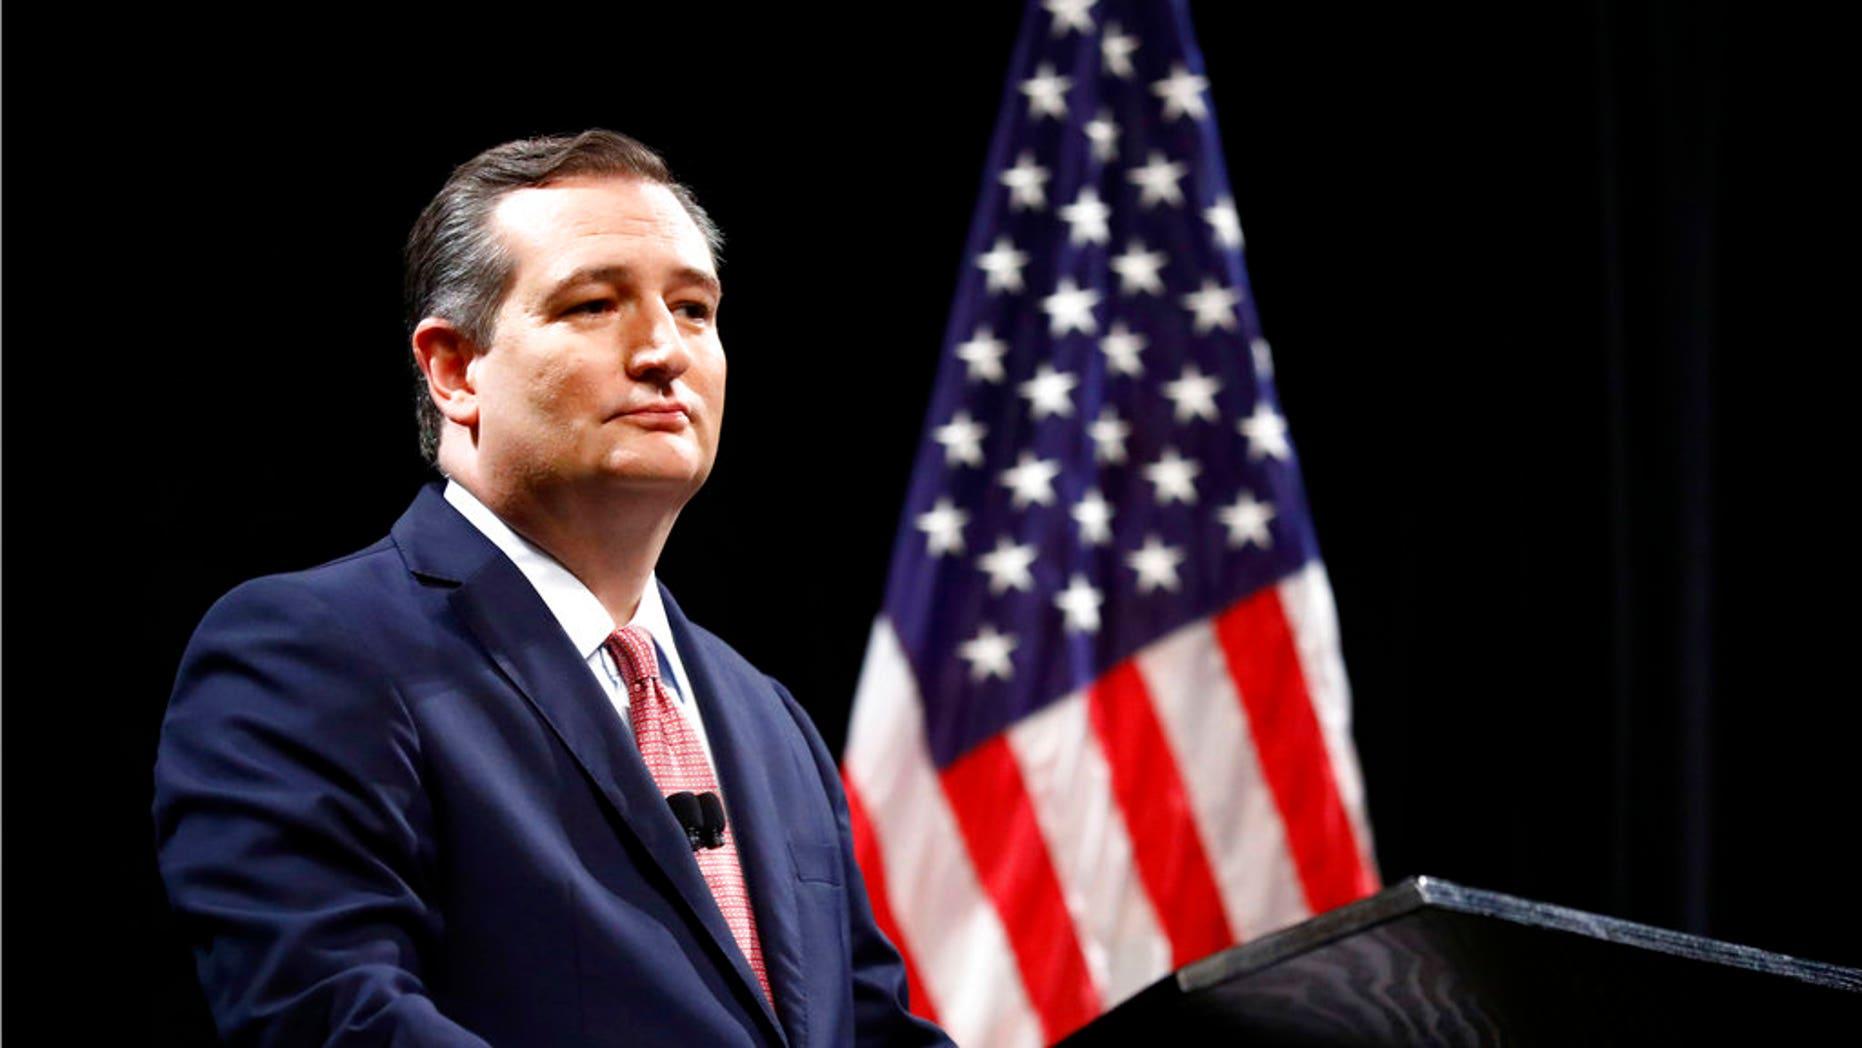 FILE: Republican U.S. Senator Ted Cruz takes part in a debate for the Texas U.S. Senate with Democratic Rep. Beto O'Rourke, in Dallas.